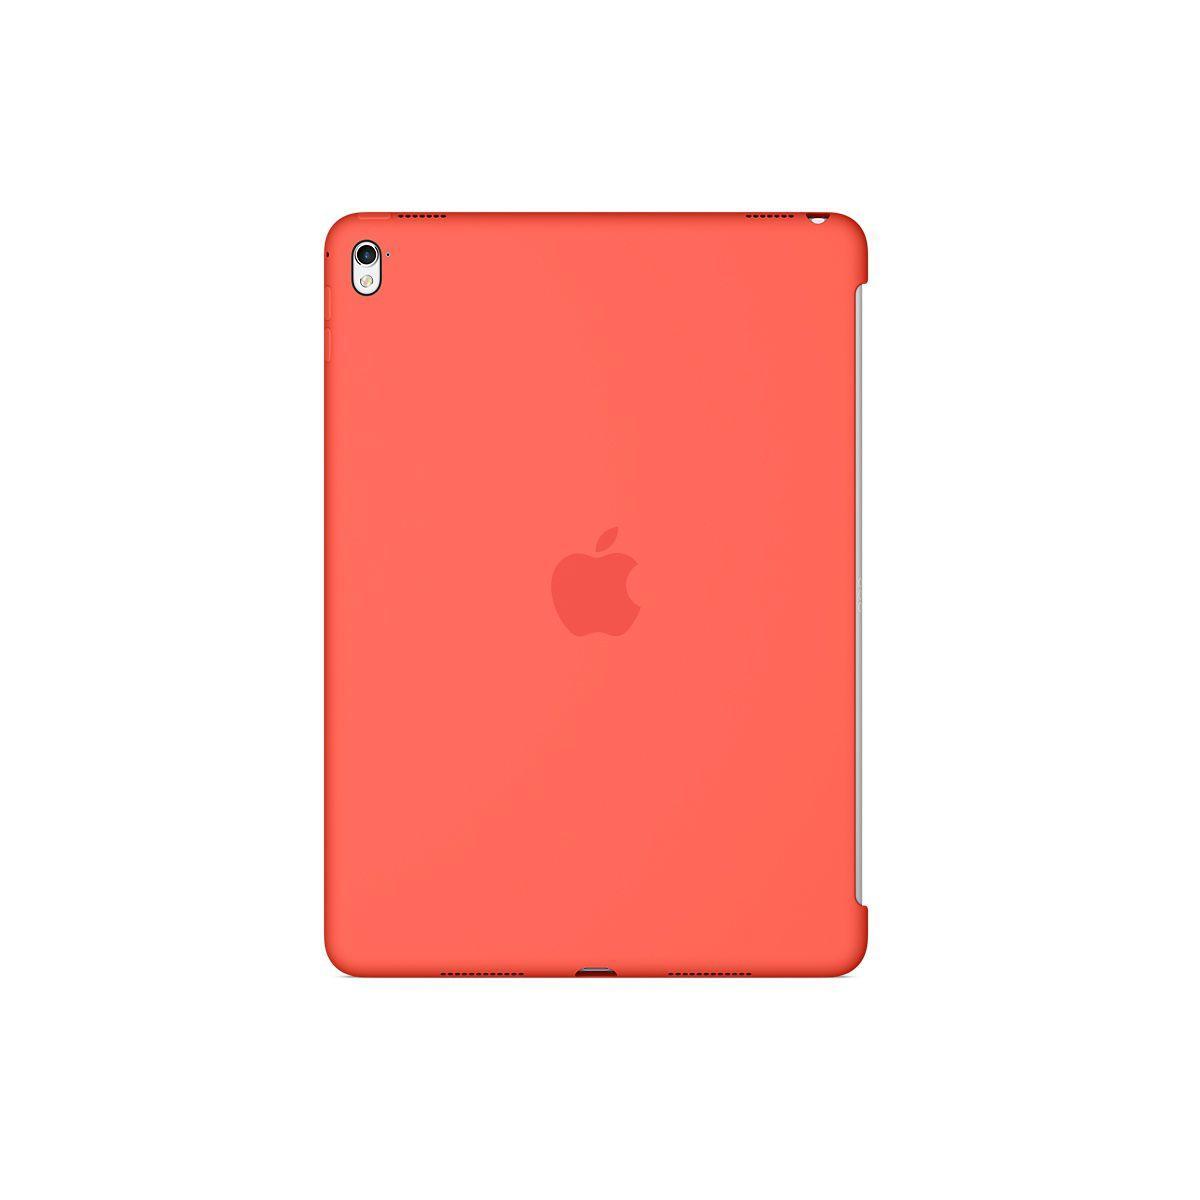 Coque apple silicone abricot ipad pro 9,7'' - soldes et bons plans